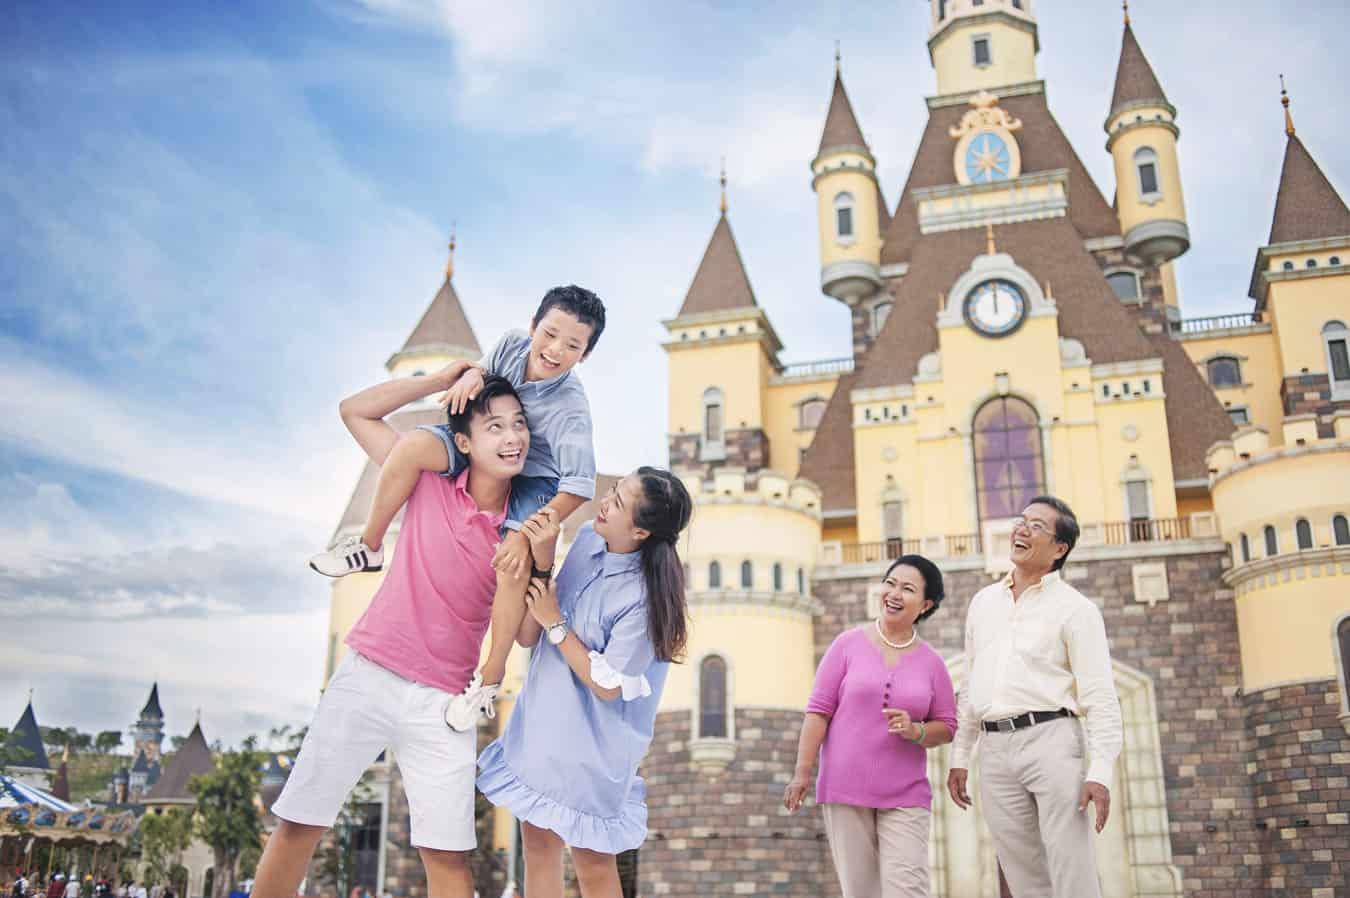 Vinpearl Land thiên đường vui chơi kết hợp nghỉ dưỡng là điểm đến thích hợp cho các thành viên trong gia đình